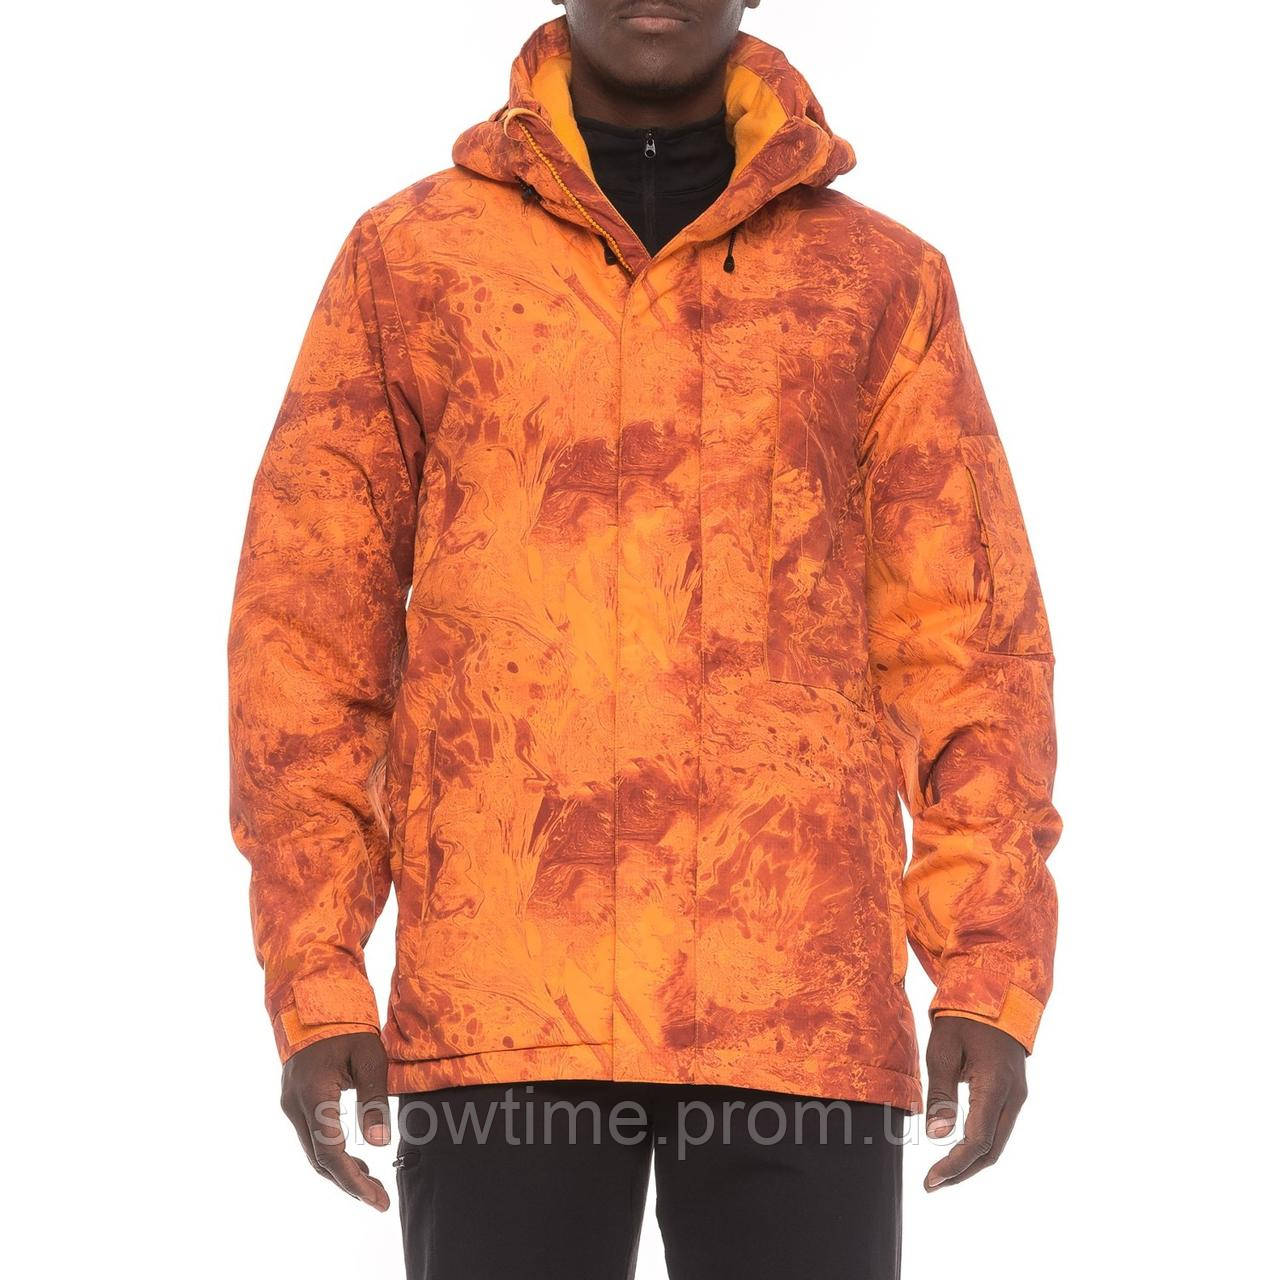 Горнолыжная сноубордическая куртка Ripzone Platinum PrimaLoft® Snowsport  Jacket 20.000 20.000 - ☆SnowTime☆ a9d953390f6